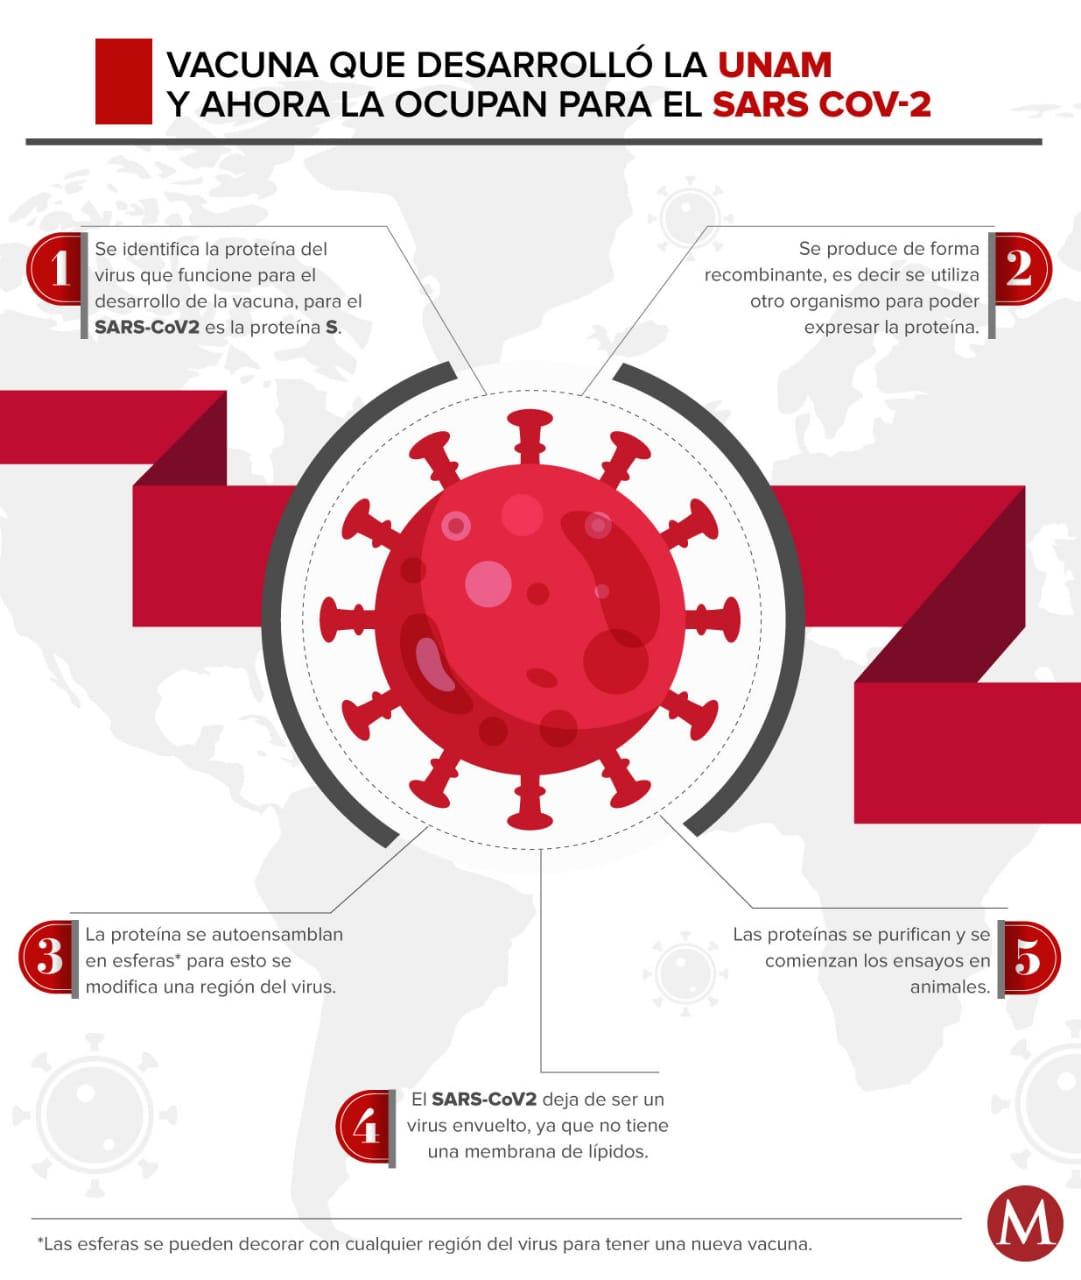 Vacuna coronavirus. UNAM desarrolla cura contra covid-19 en México